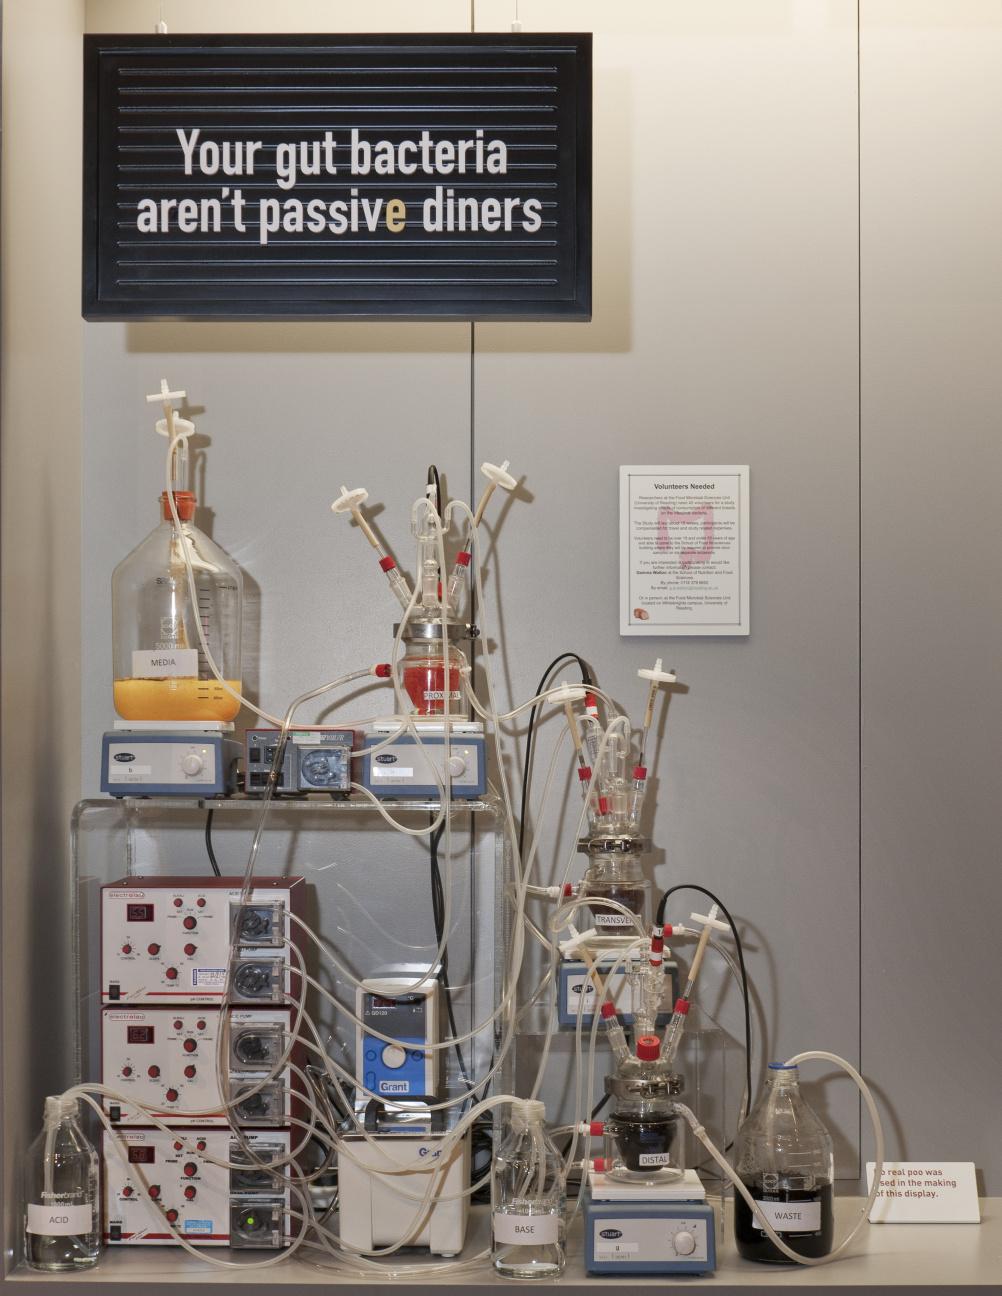 Laboratory model of a human colon